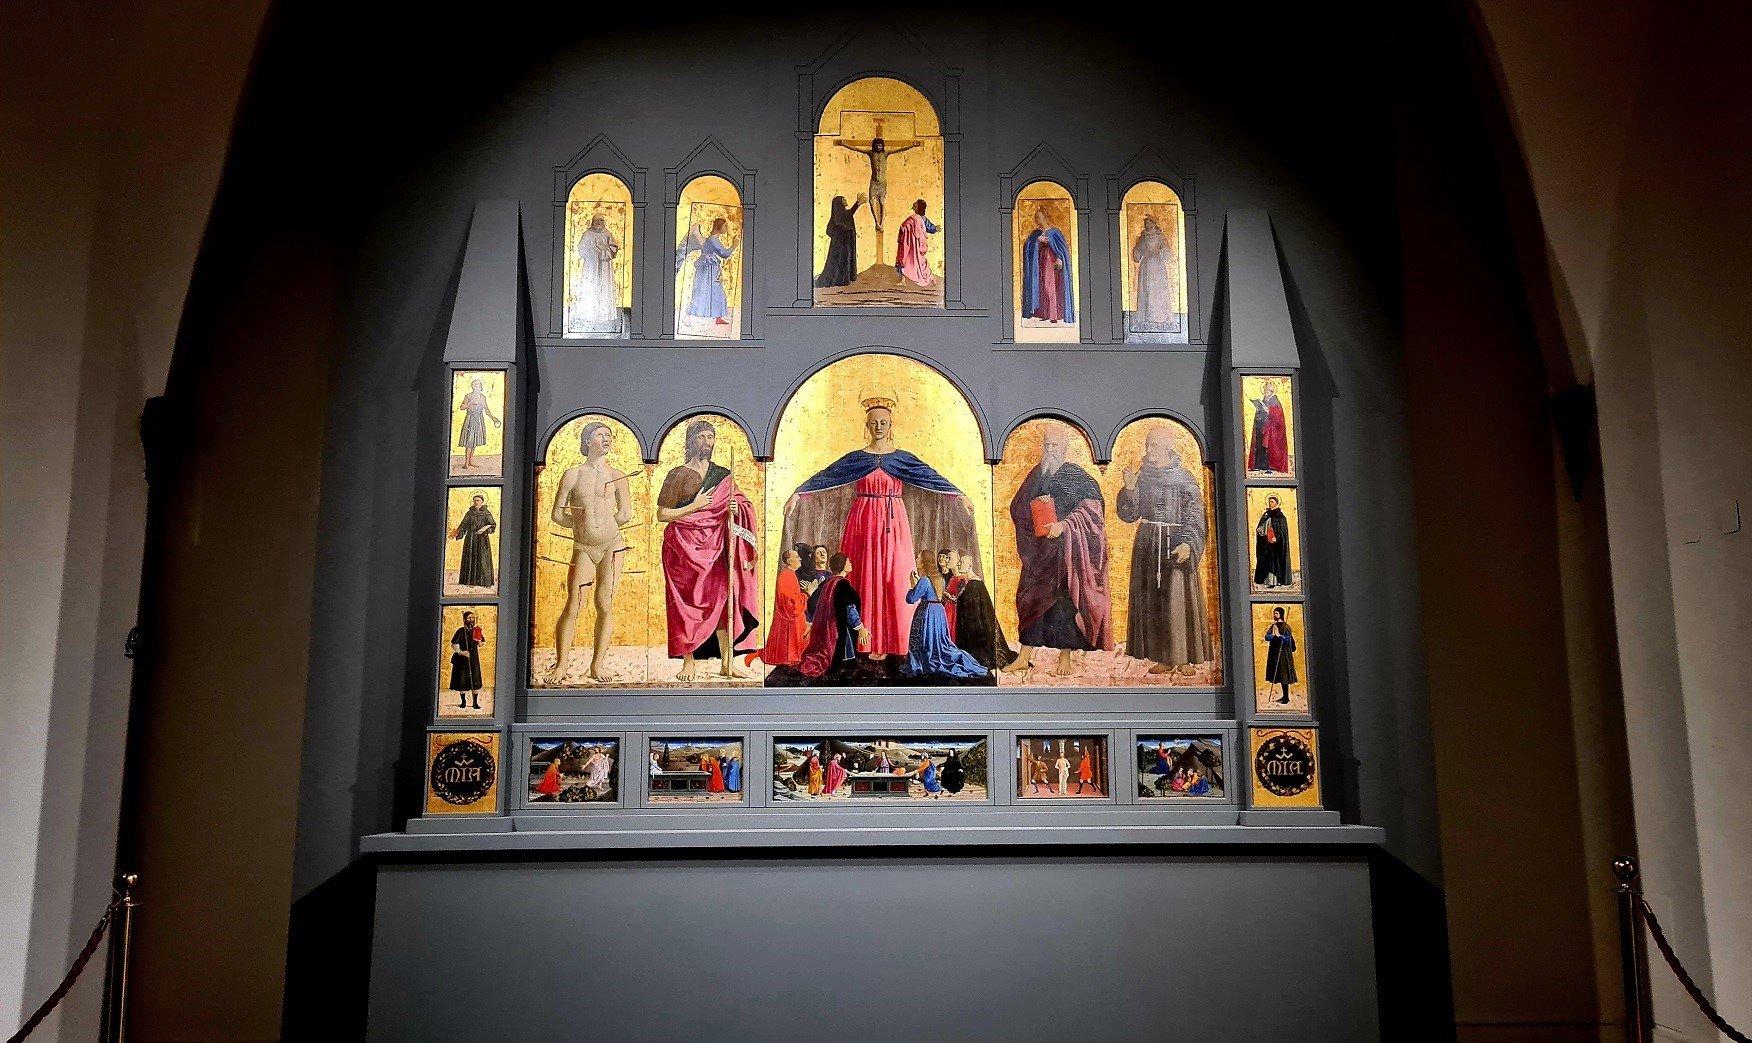 Polittico Piero della Francesca